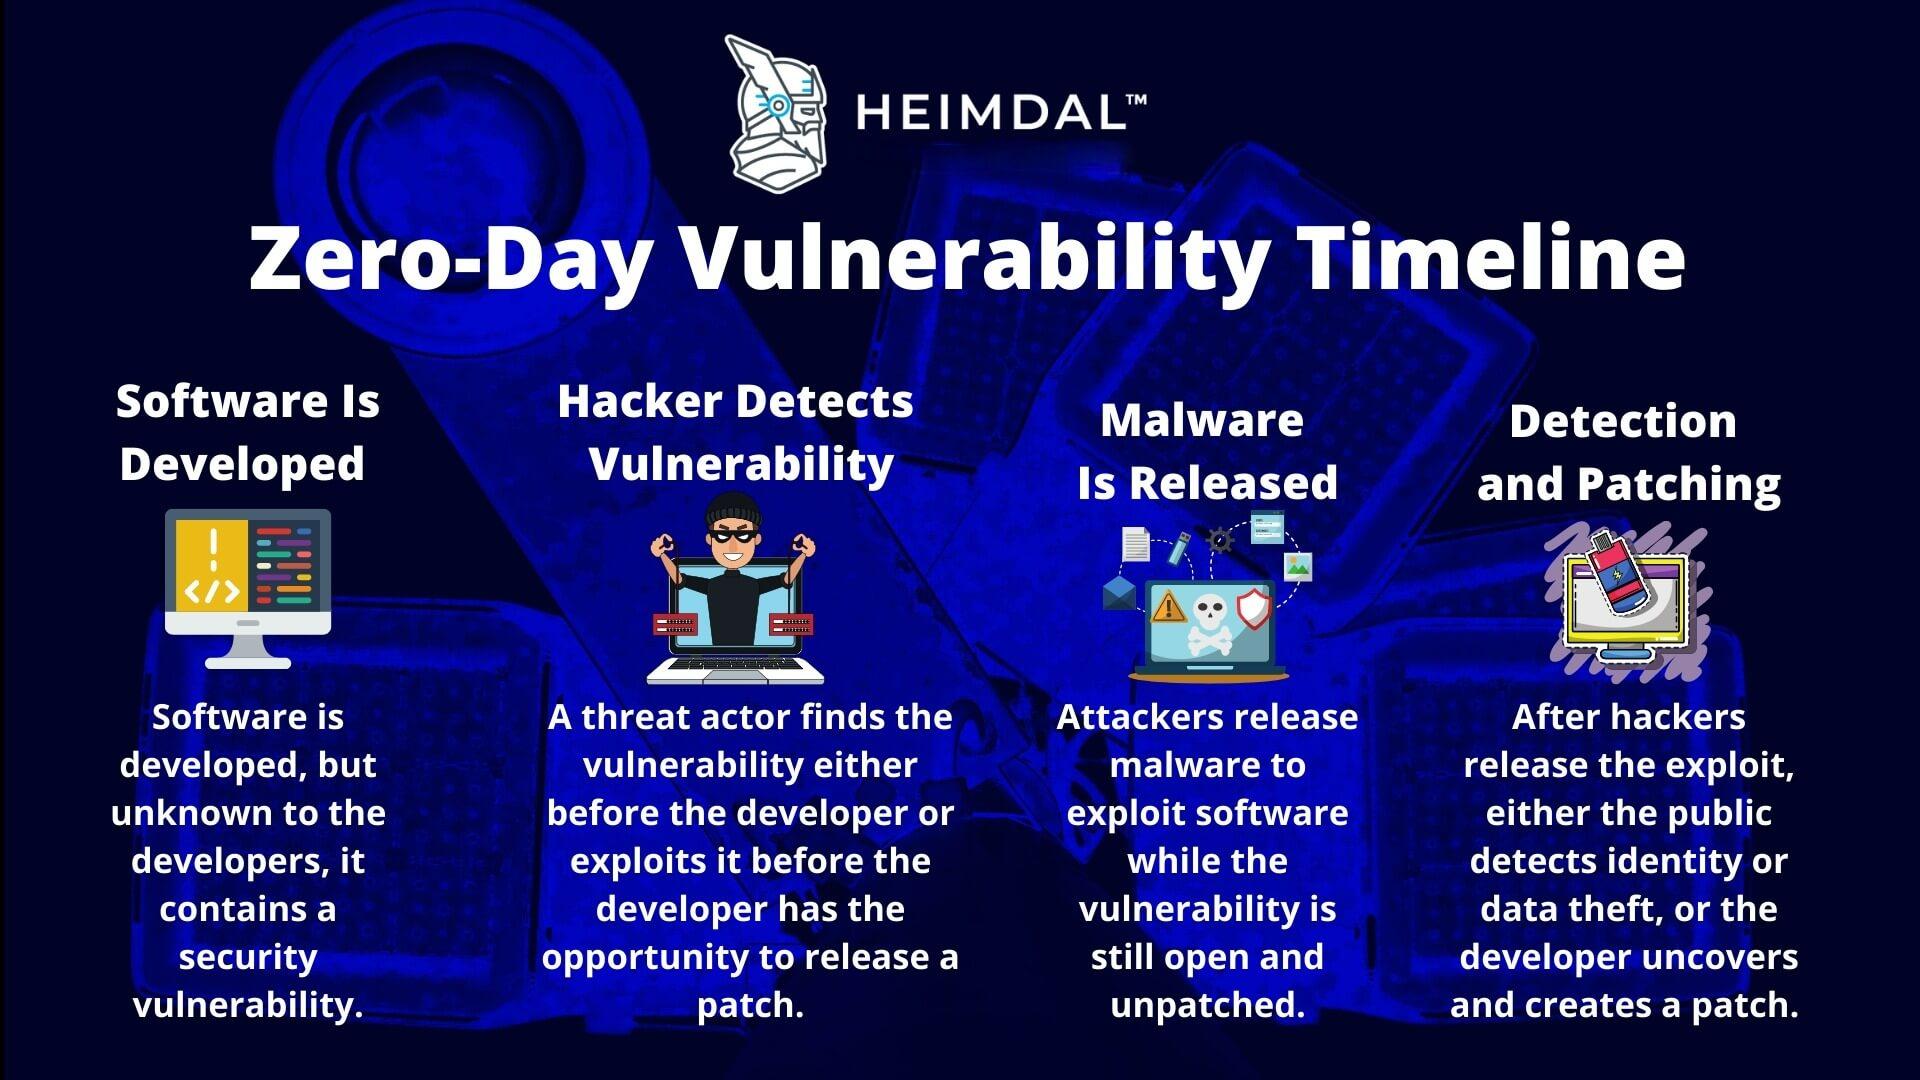 Zero-Day Vulnerability Timeline